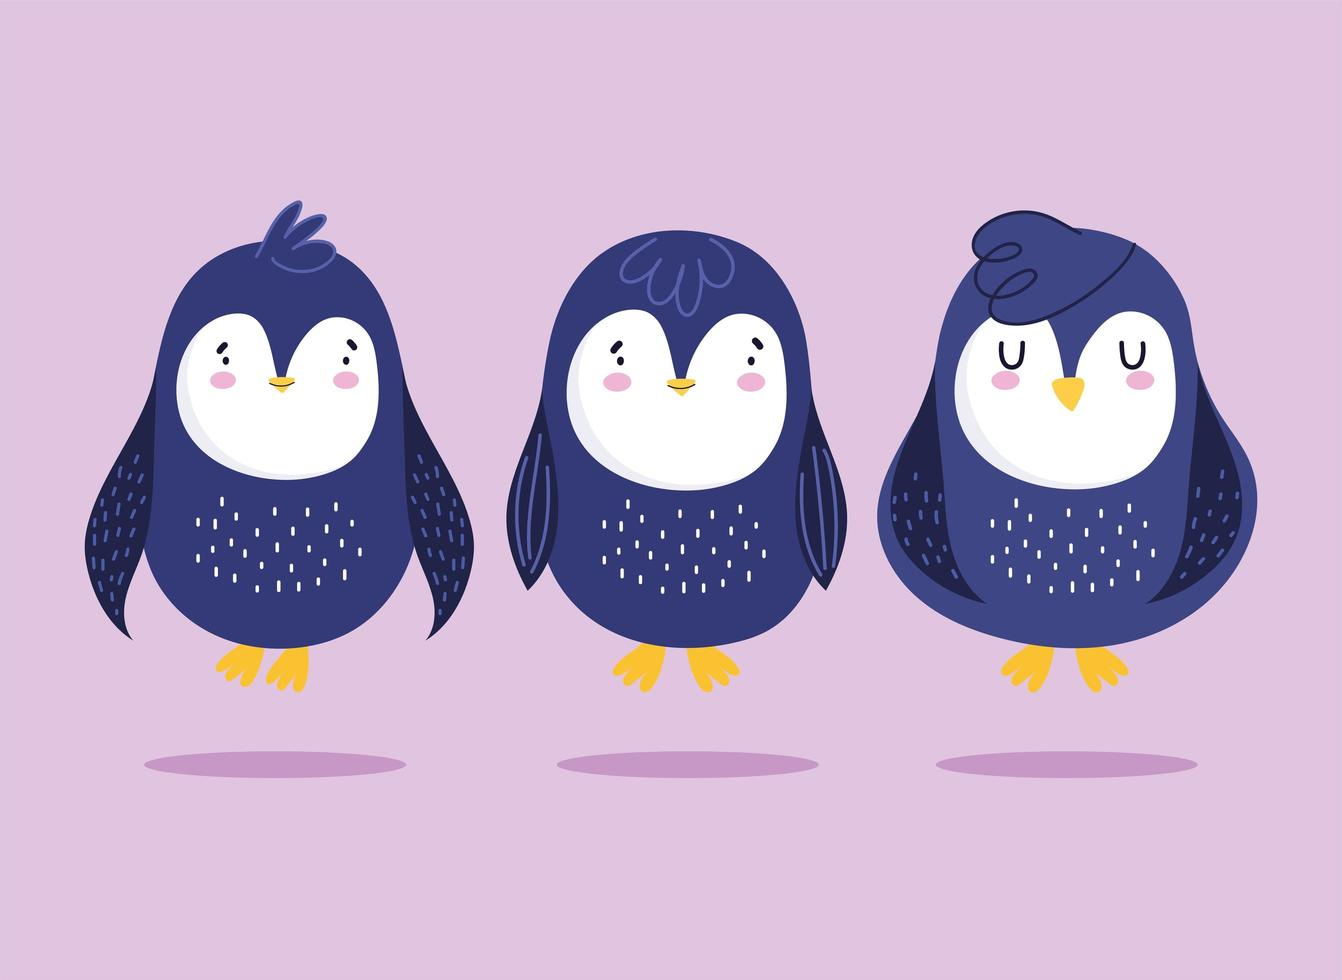 pingüinos dibujos animados pájaro antártico animal fauna conjunto vector